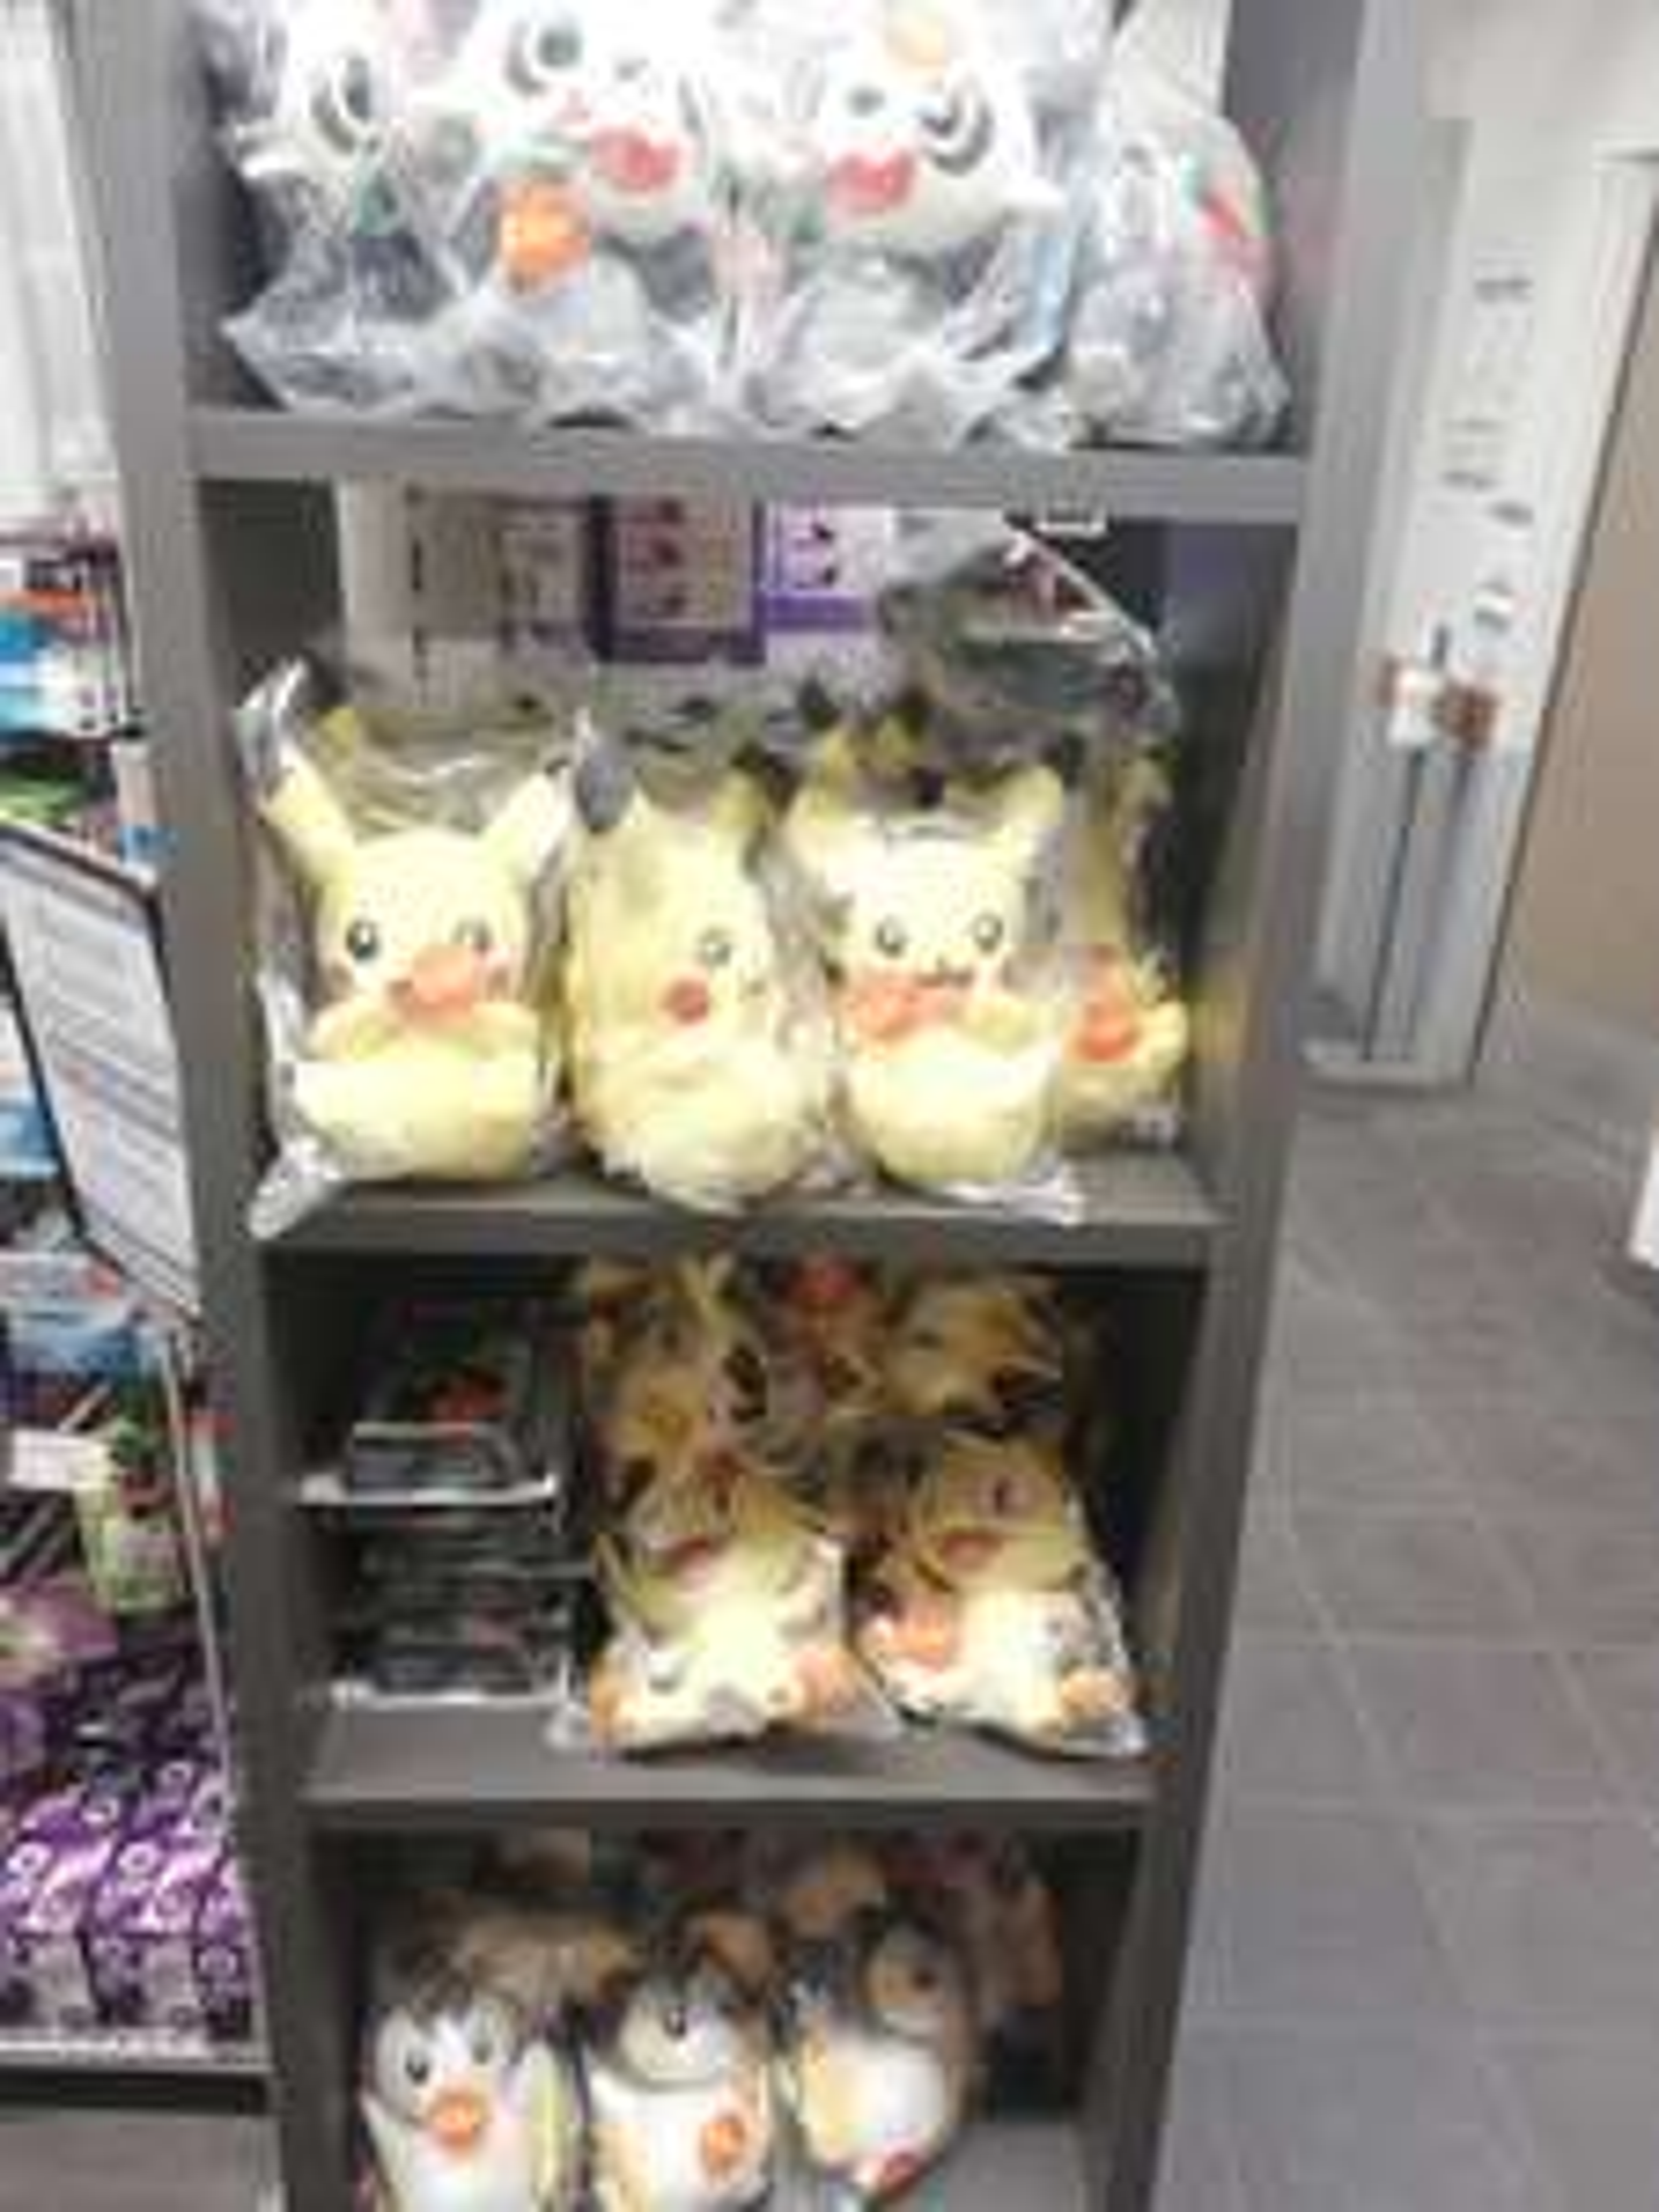 Peluches et Cartes Pokémon à 3€ - U express du centre-ville d'Angoulême (16)